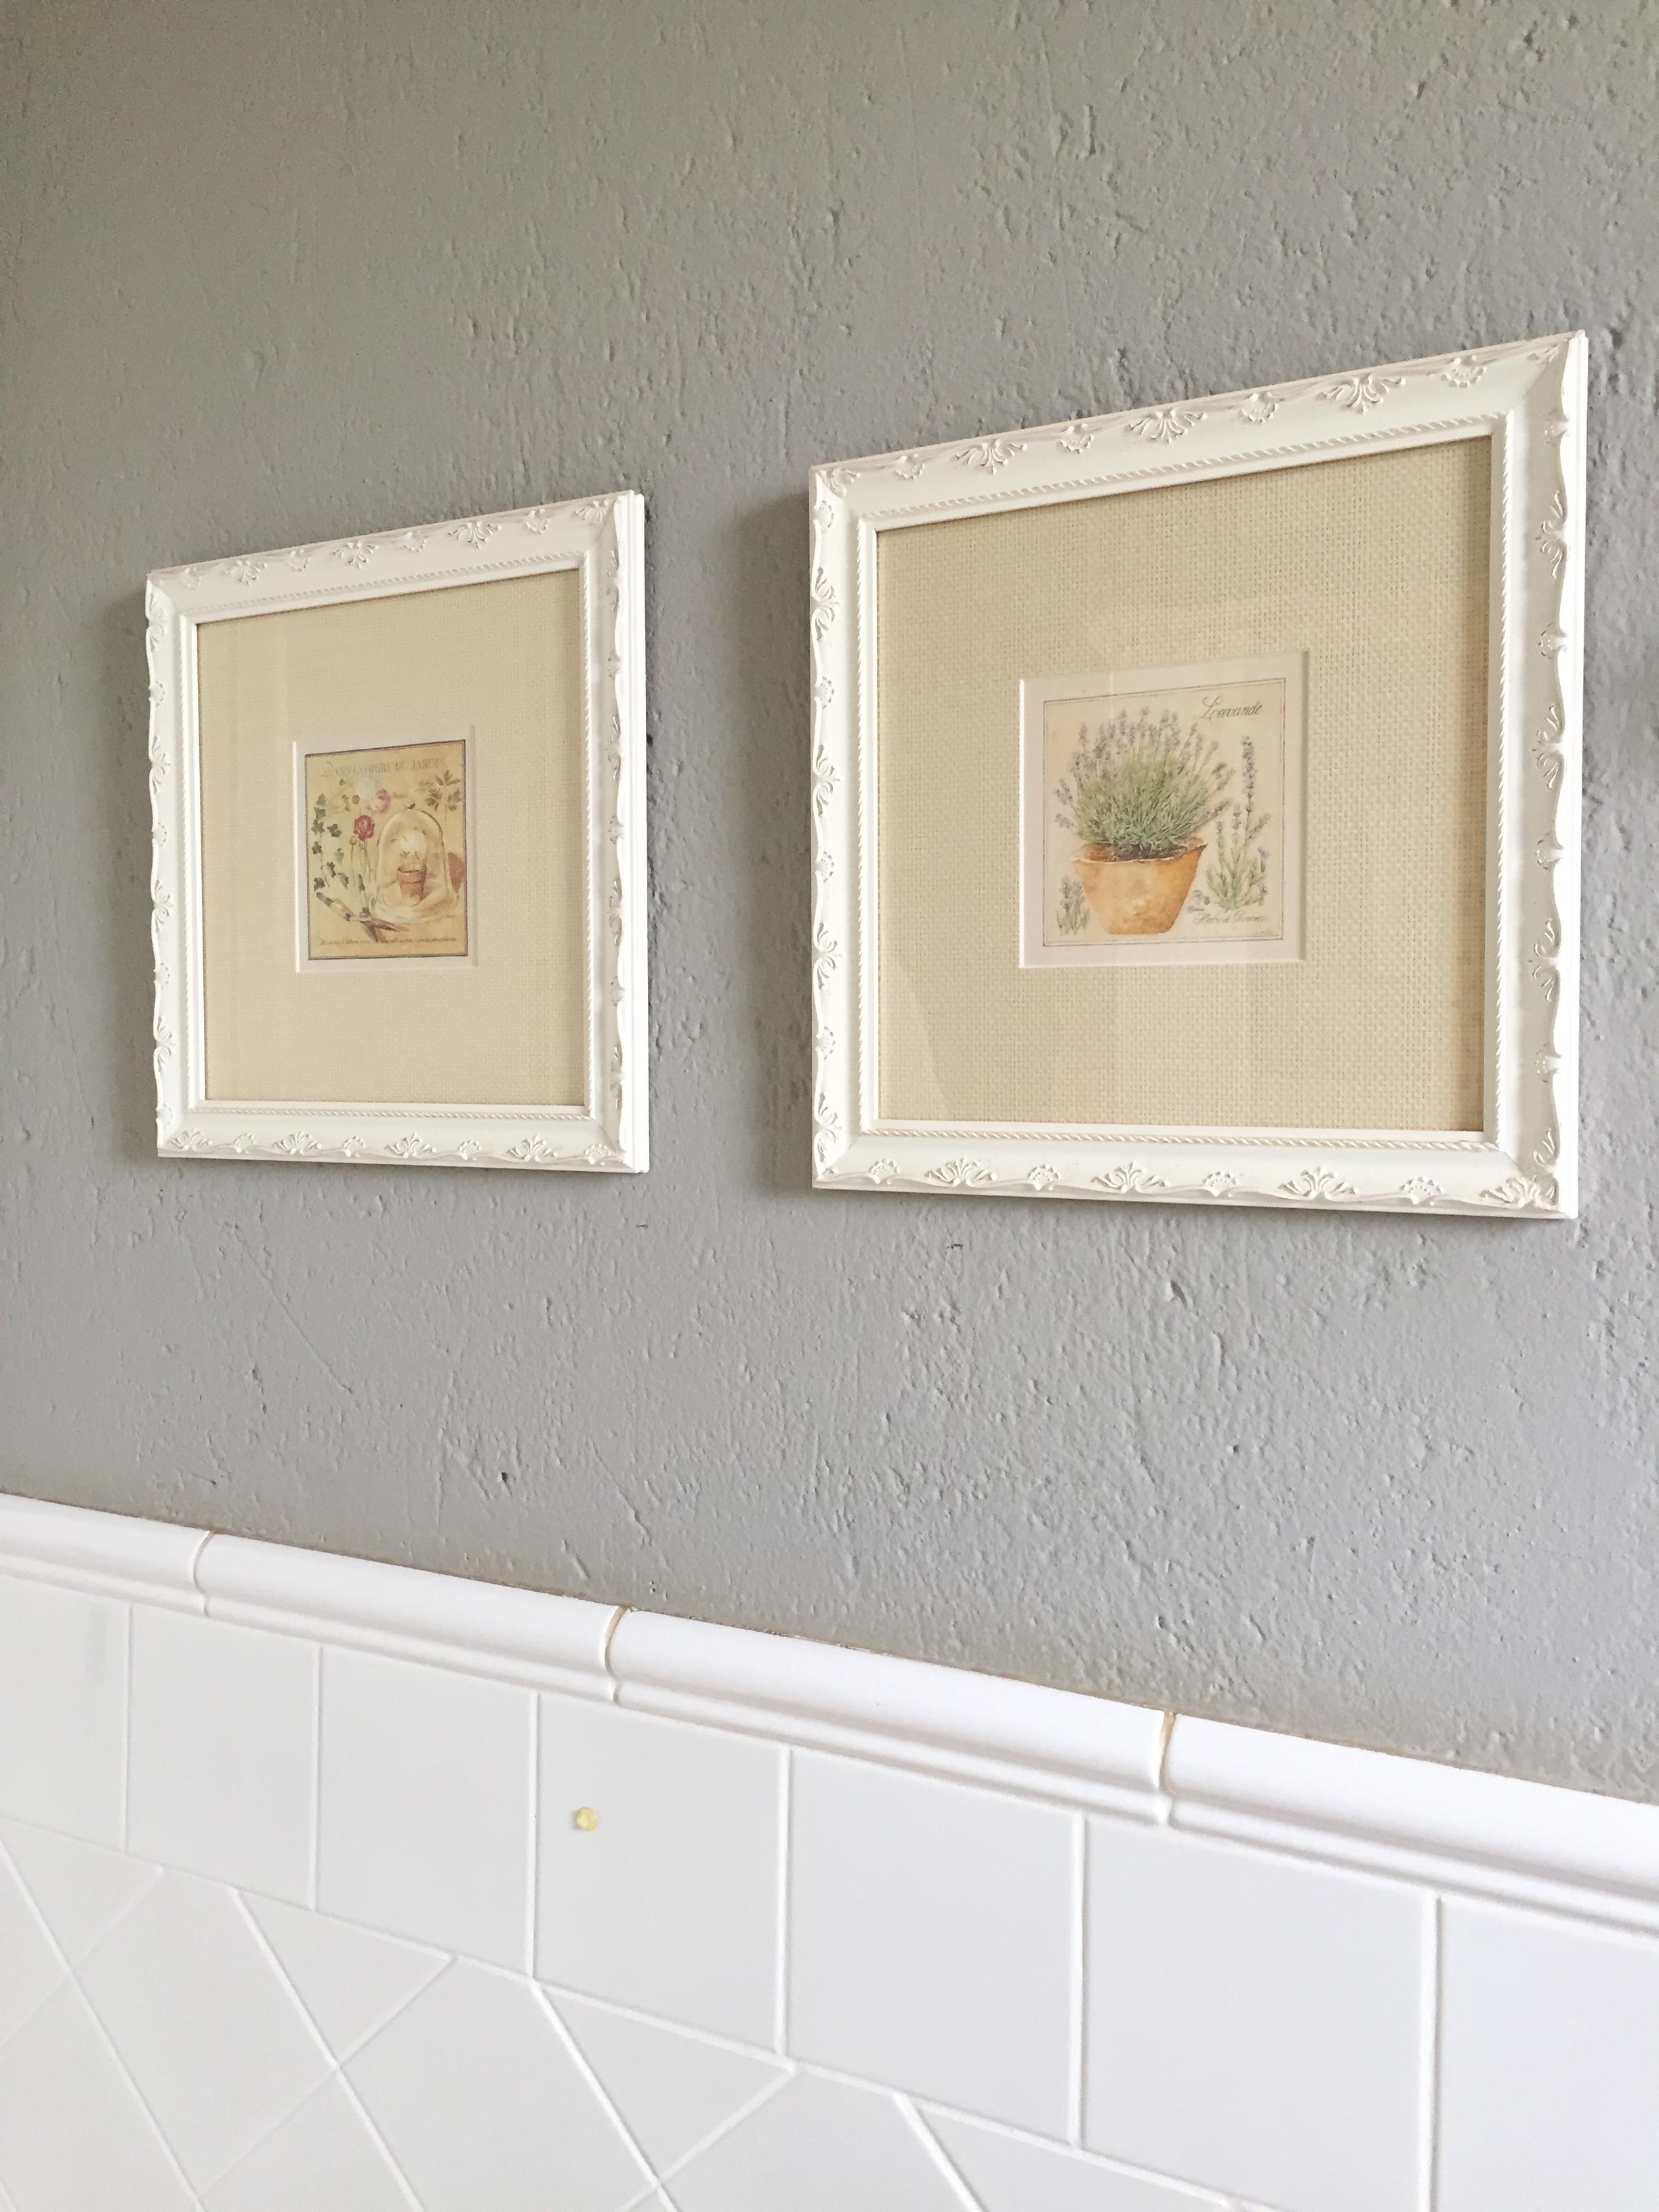 Mais gravuras que trouxe de viagens. A parede tem textura rustica e o azulejo meia parede como antigamente. Optei por um tom cinza escuro para contrastar e ficar neutro